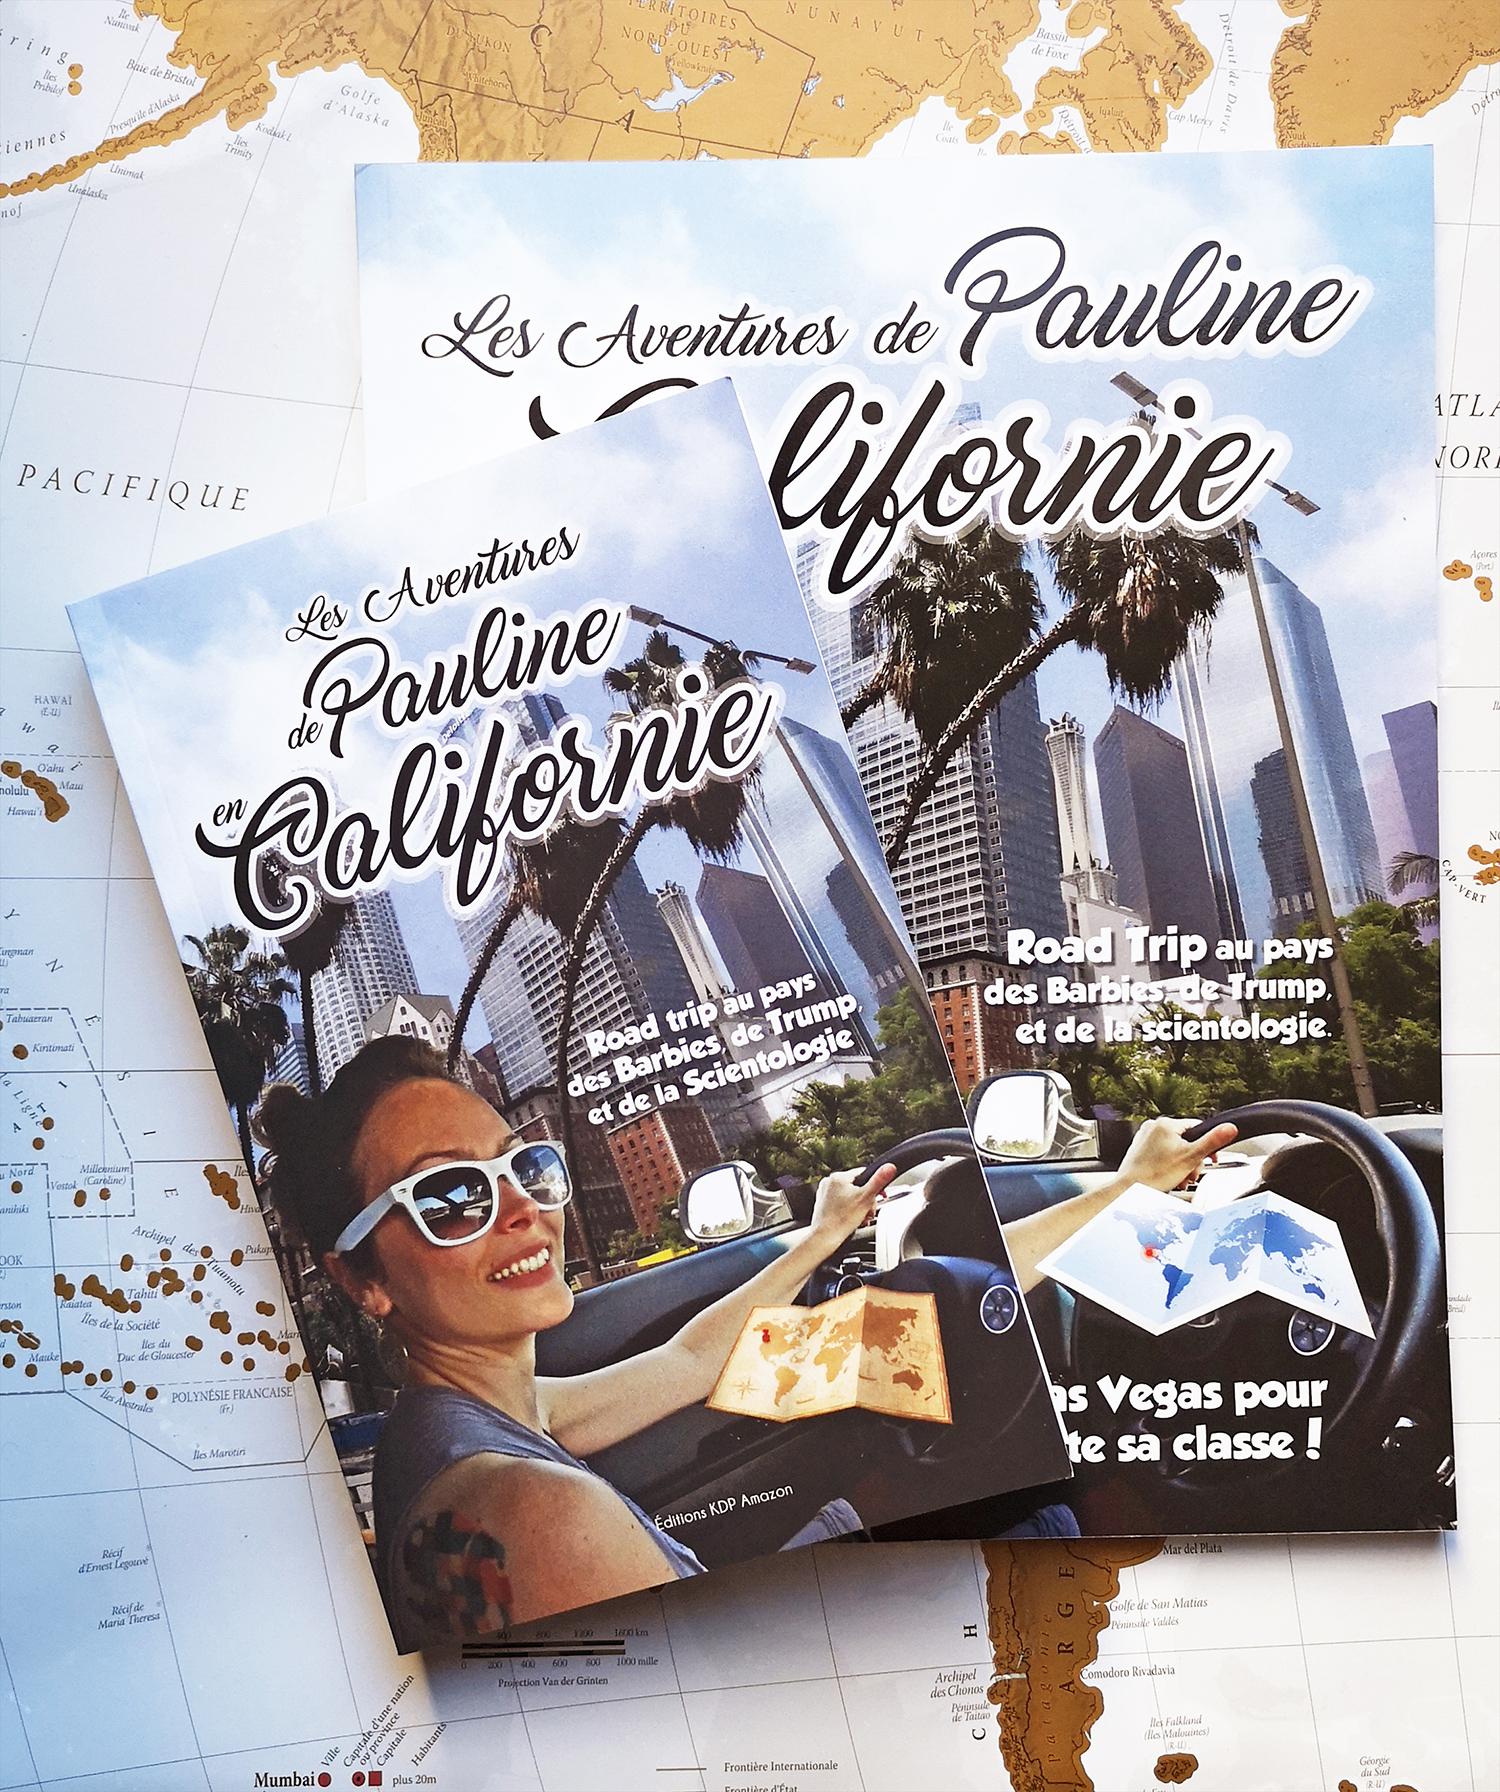 Pauline en Californie